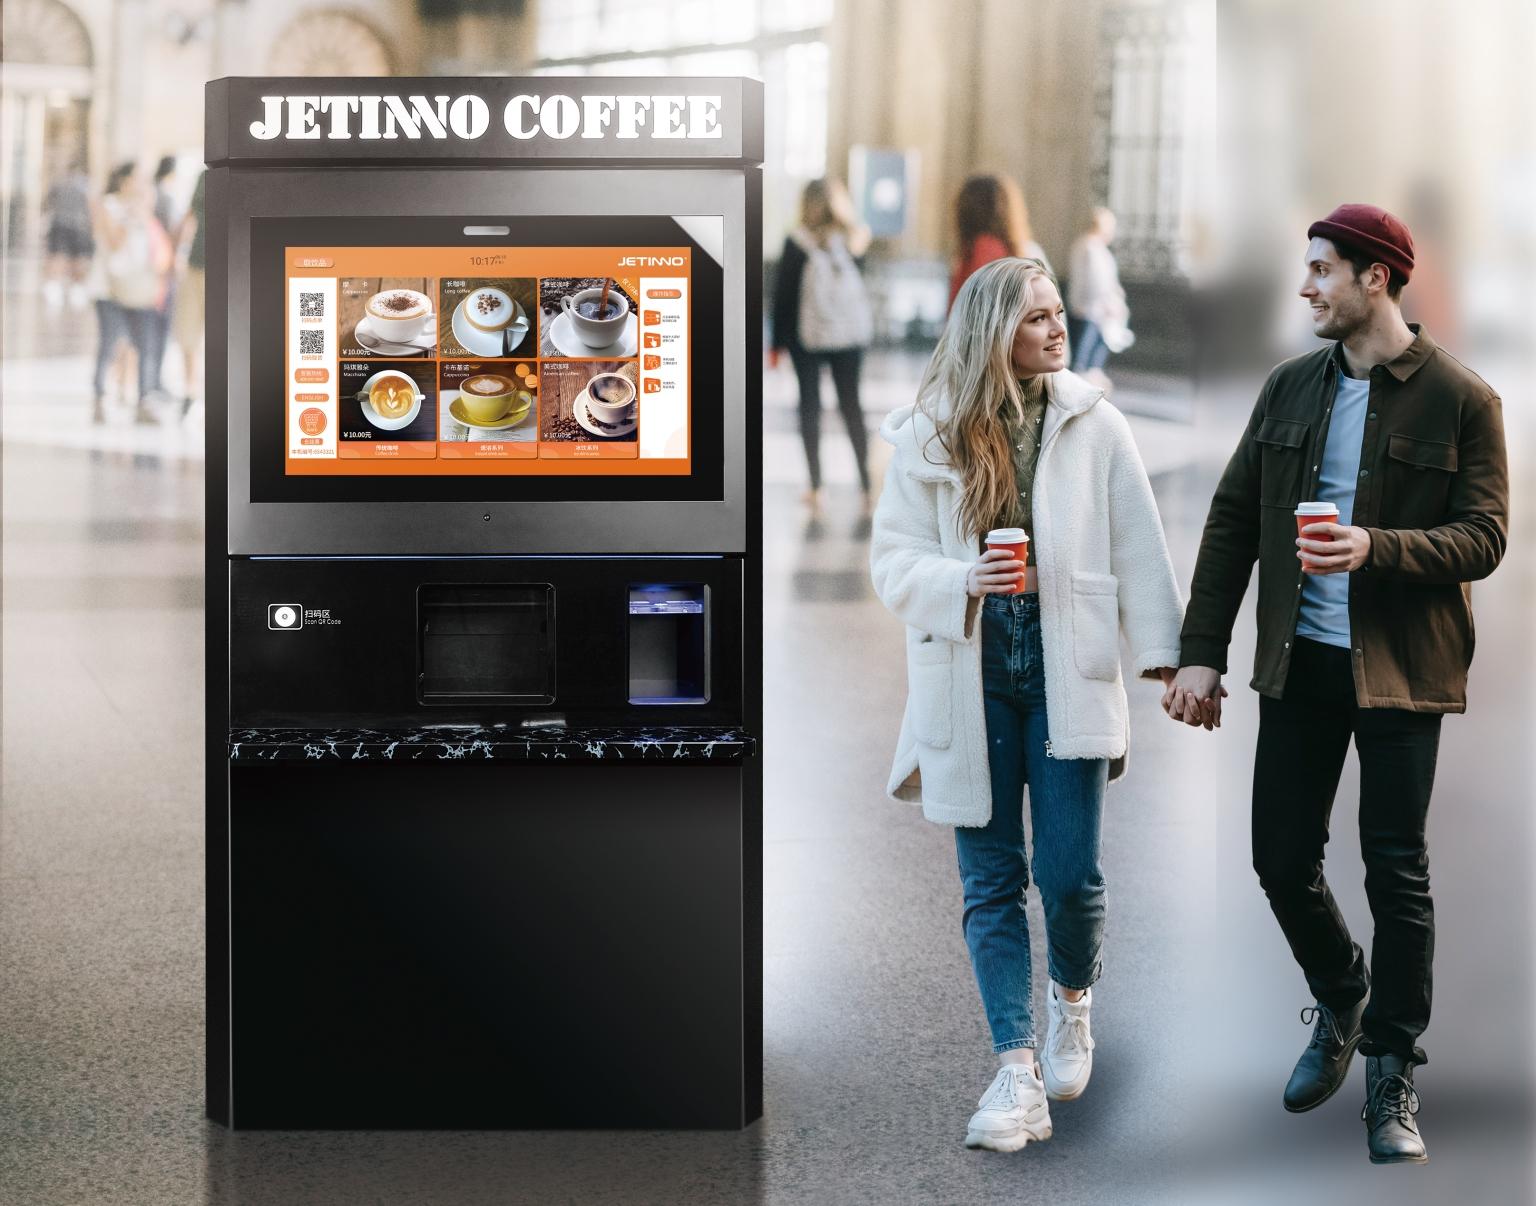 瑞幸瑞即购厂家,自助商用咖啡机厂家,无人咖啡机品牌定制